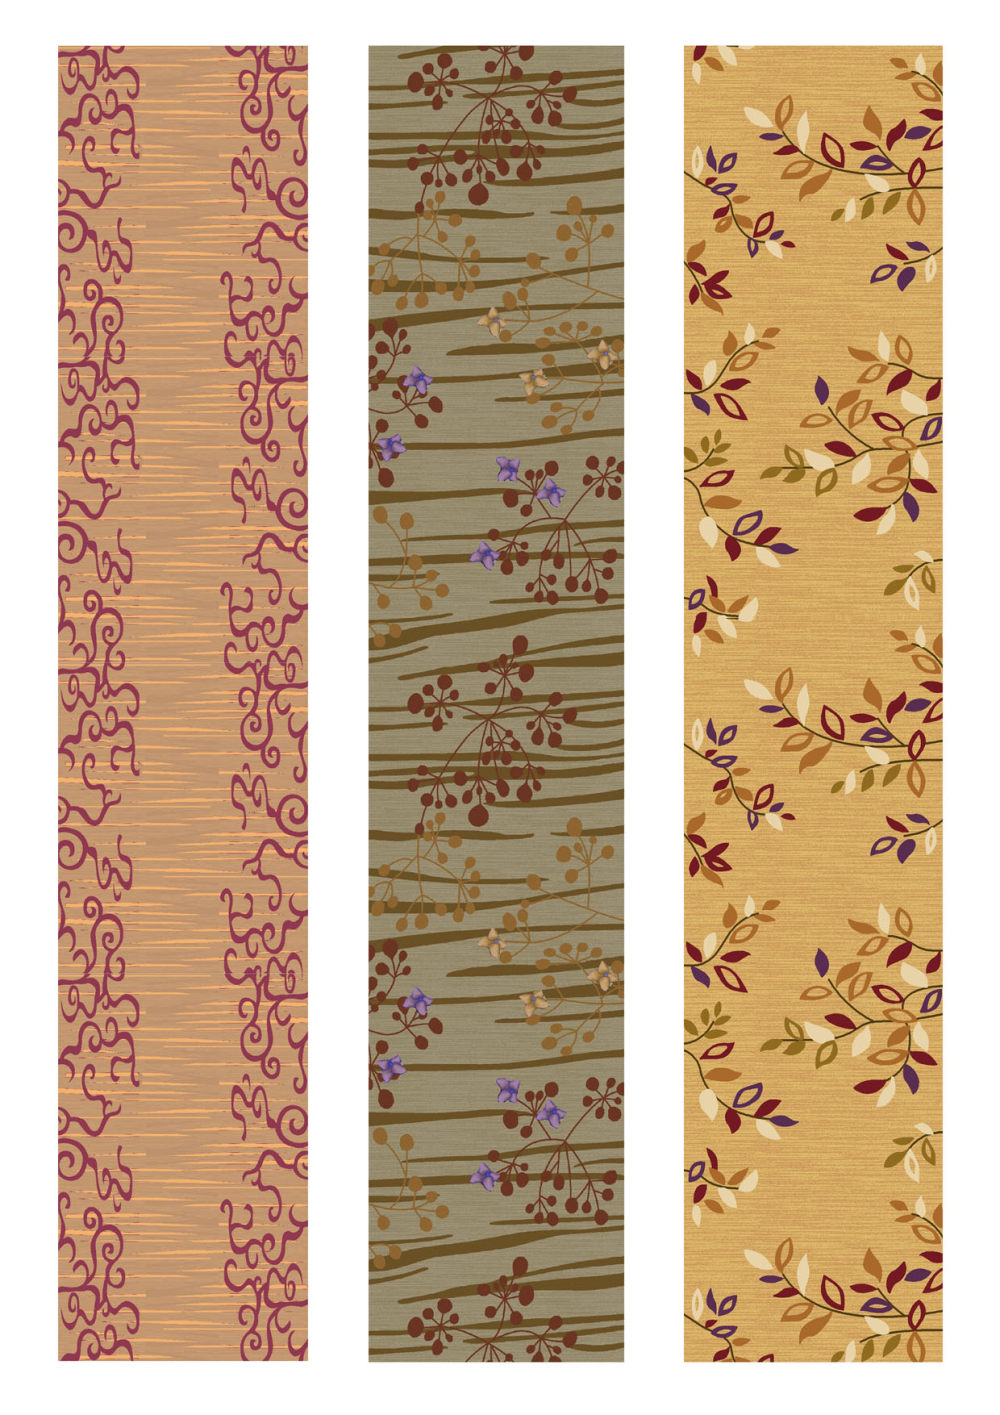 郑中(CCD)--专用地毯高清大图161P_走廊集1.jpg